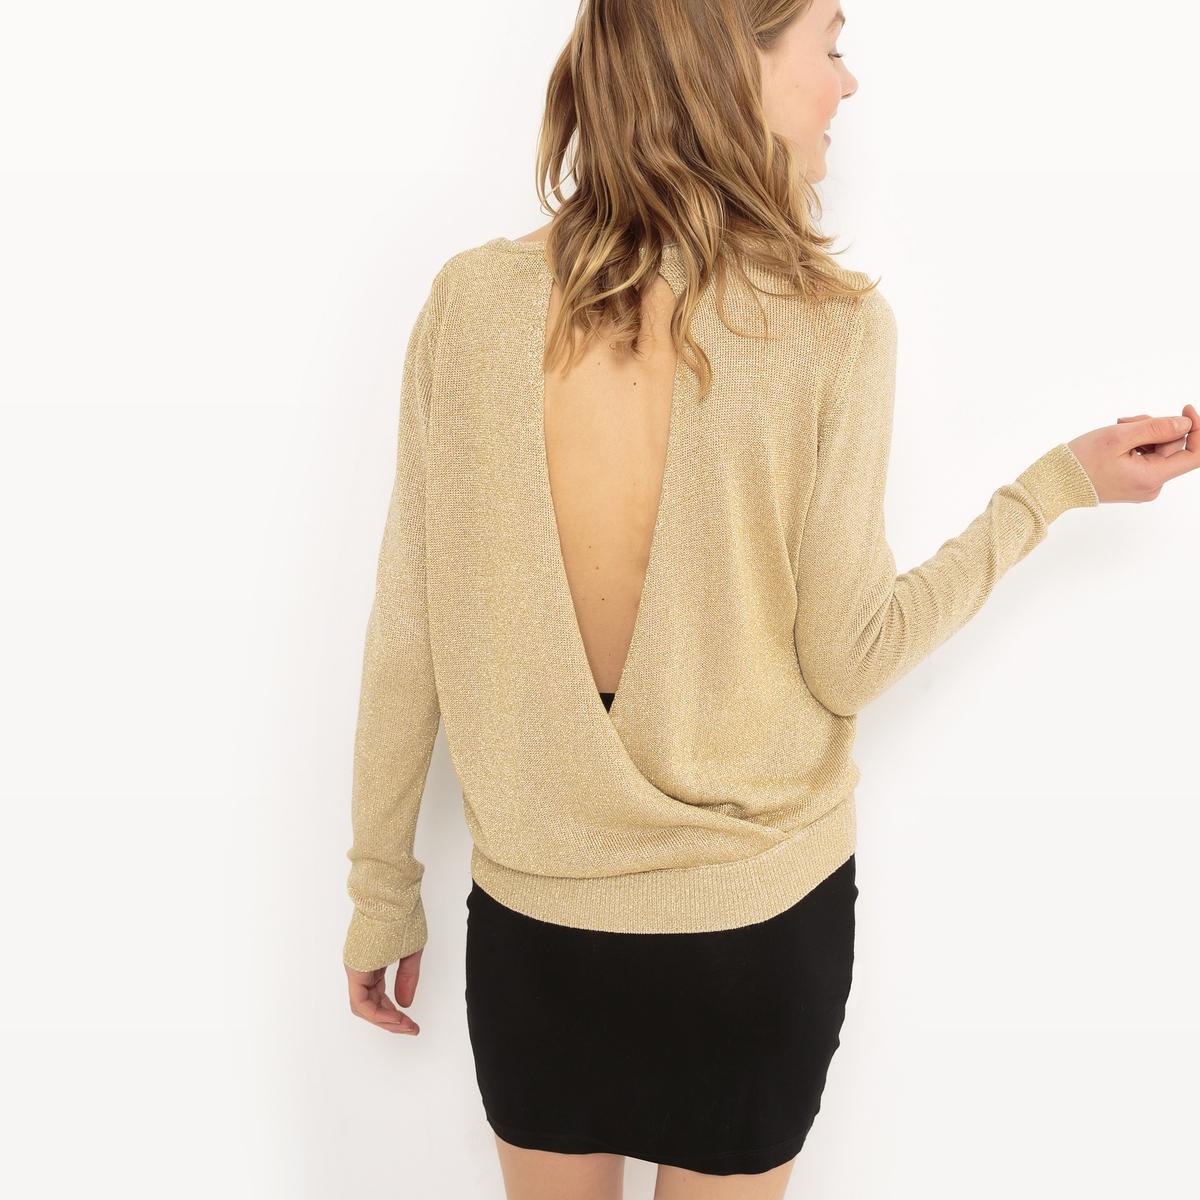 Пуловер с круглым вырезомДетали  • Пуловер прямого покроя •  Длинные рукава •  Круглый вырез •  Плотный трикотажСостав и уход •  80% вискозы, 20% металла •  Инструкцию по уходу смотреть на бирке<br><br>Цвет: розовый,экрю<br>Размер: M.M.S.XS